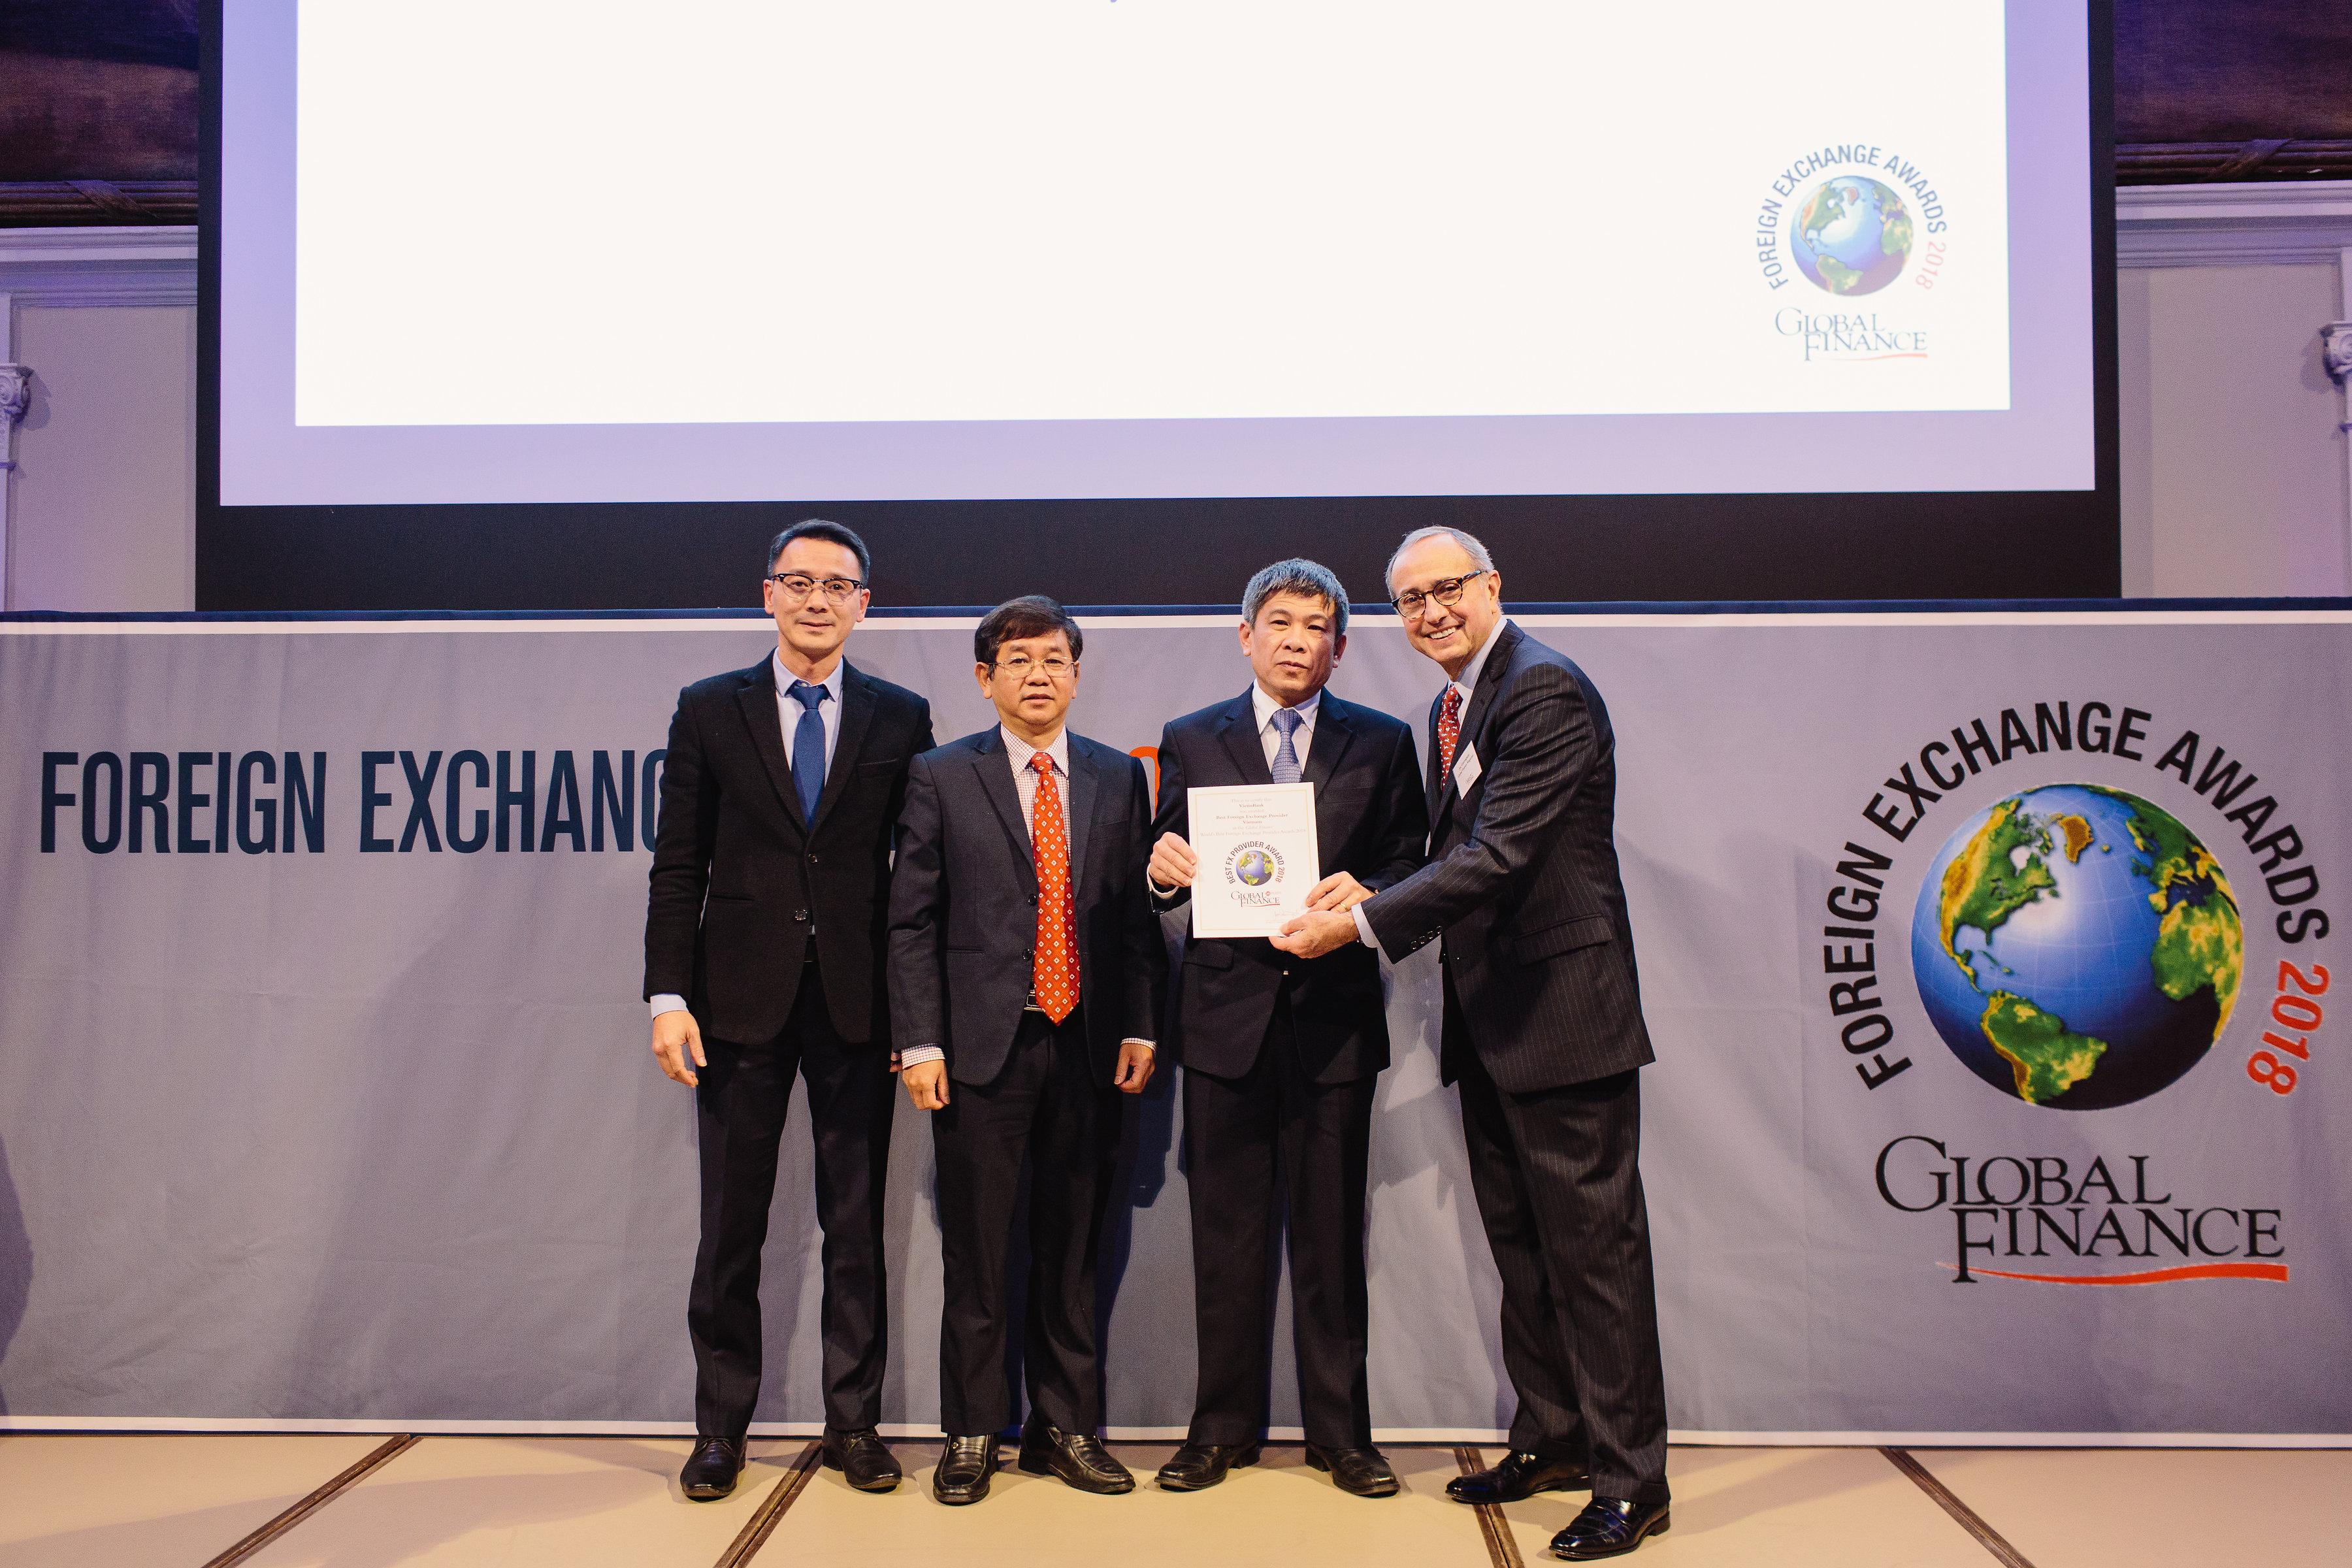 """Global Finance vinh danh VietinBank """"cung cấp dịch vụ ngoại hối tốt nhất Việt Nam 2018"""""""